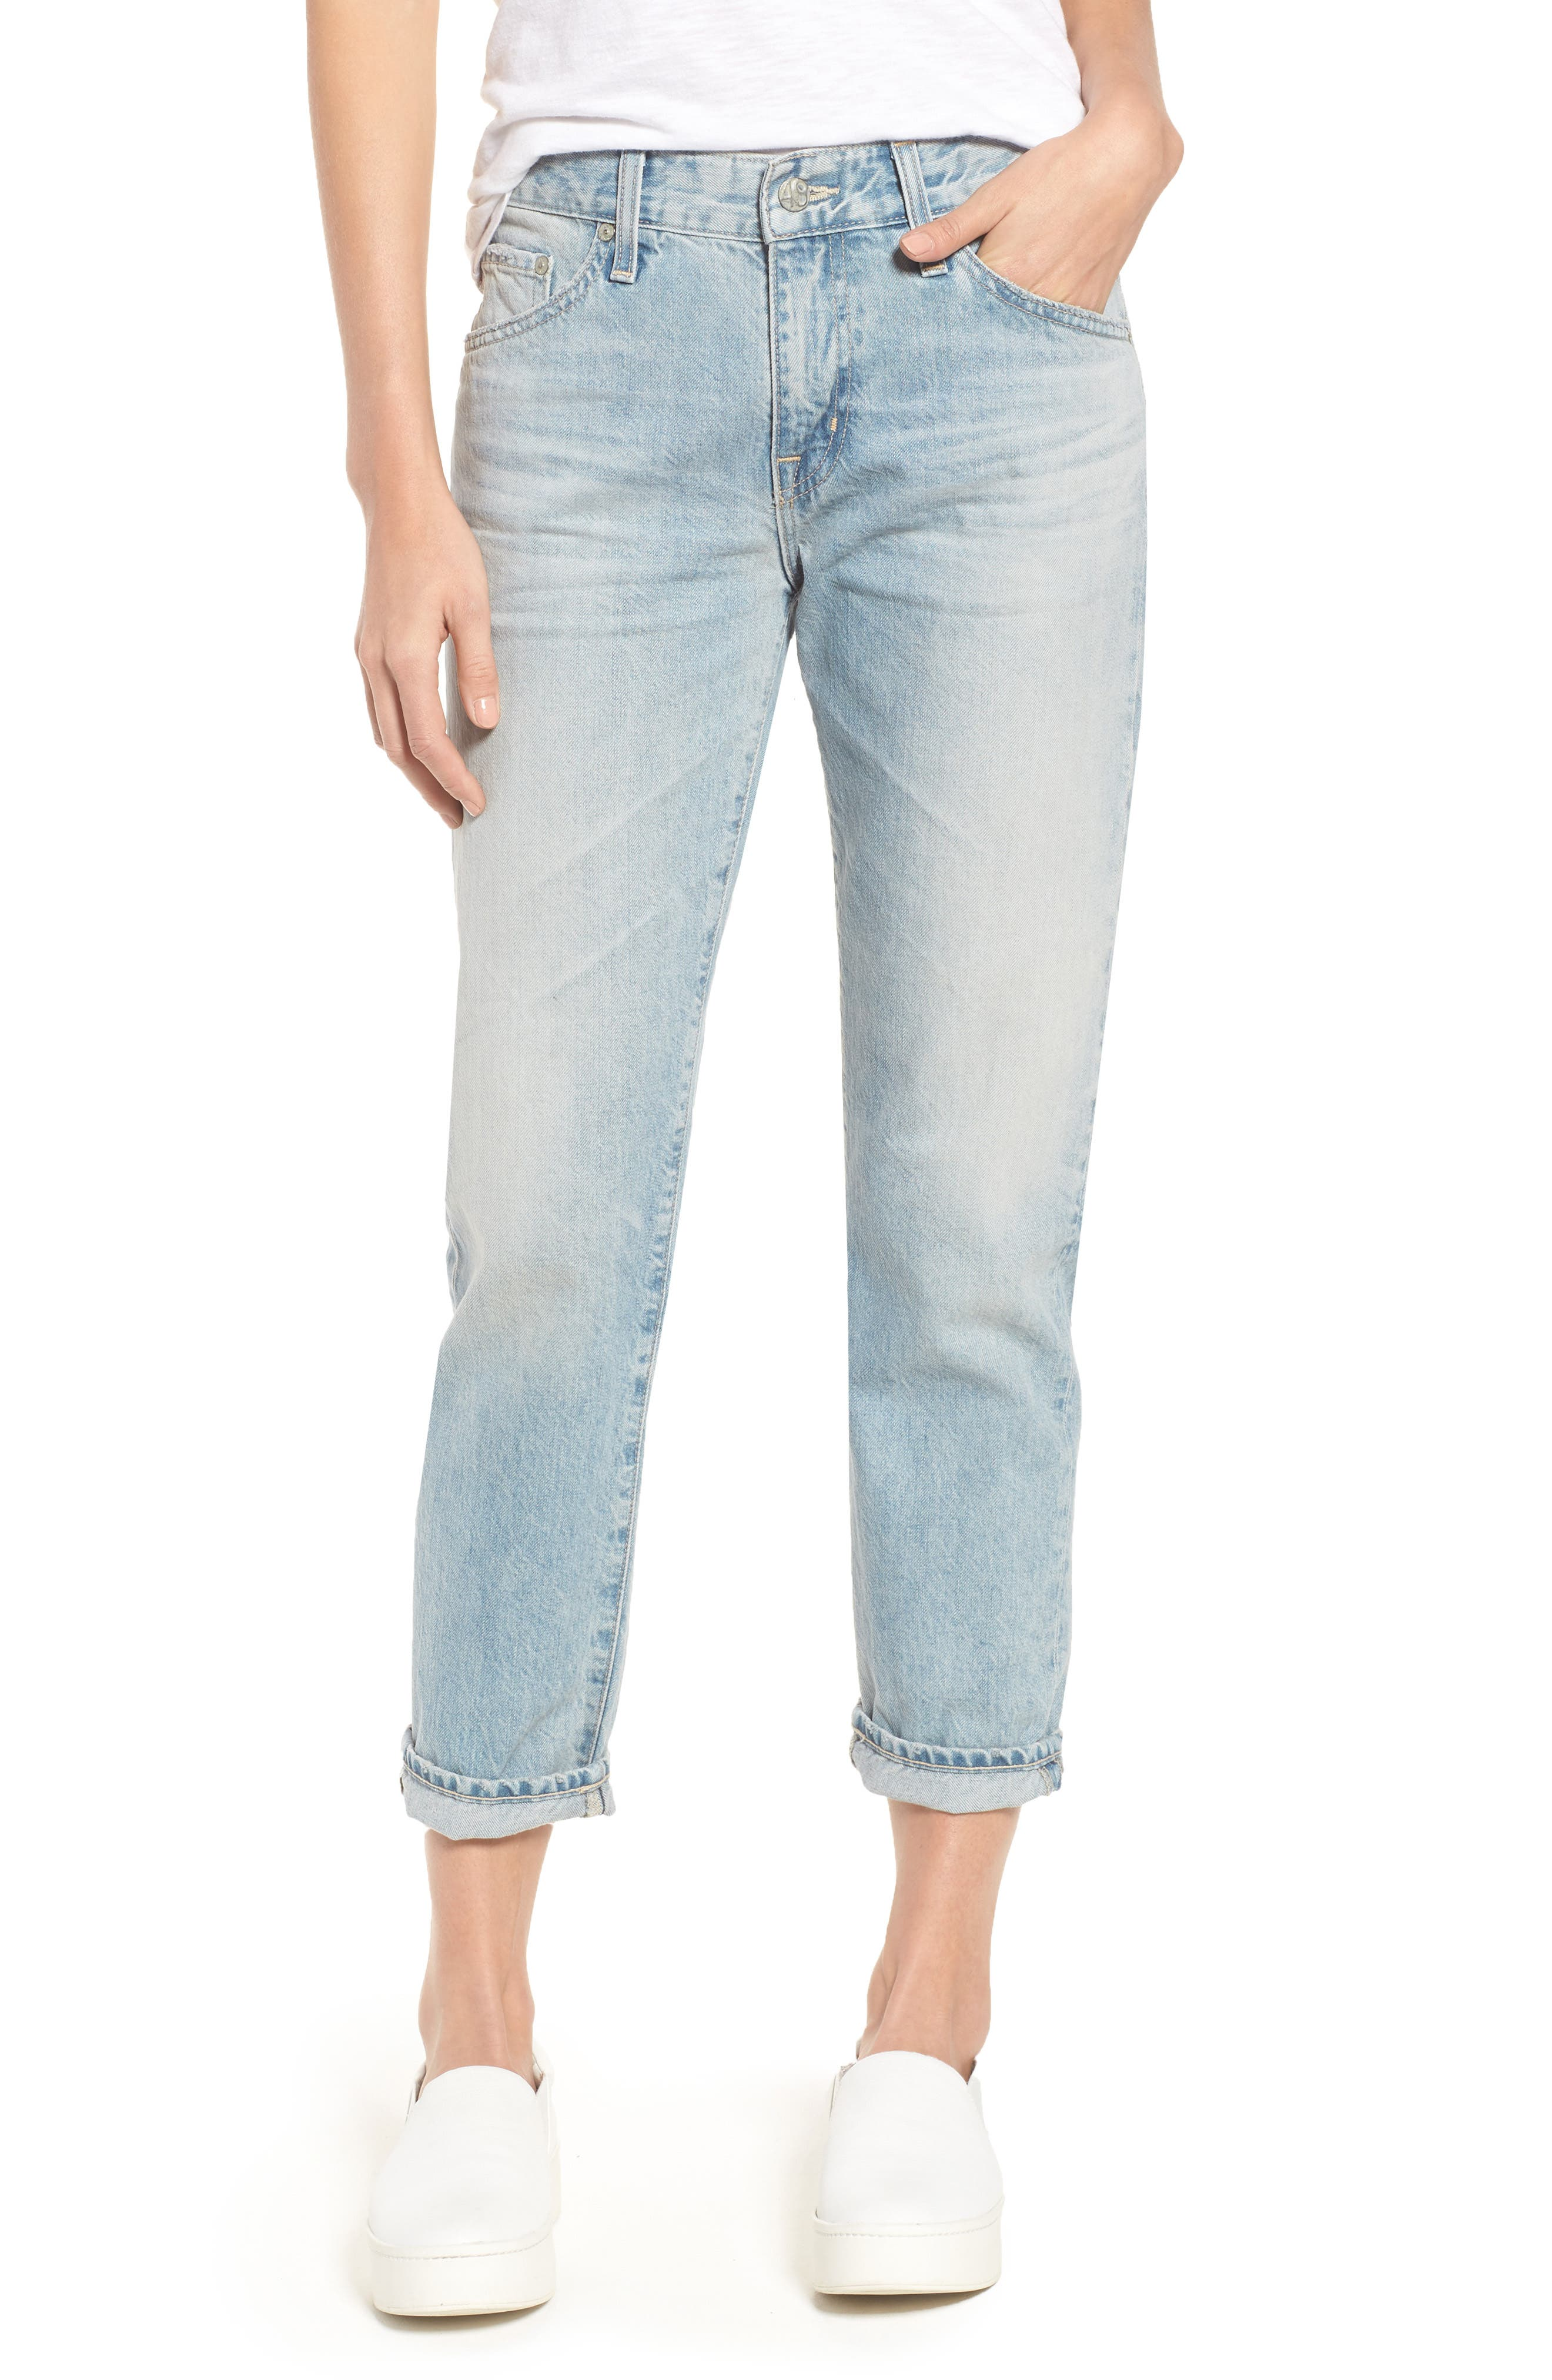 AG 'The Ex Boyfriend' Slim Jeans, Main, color, 469